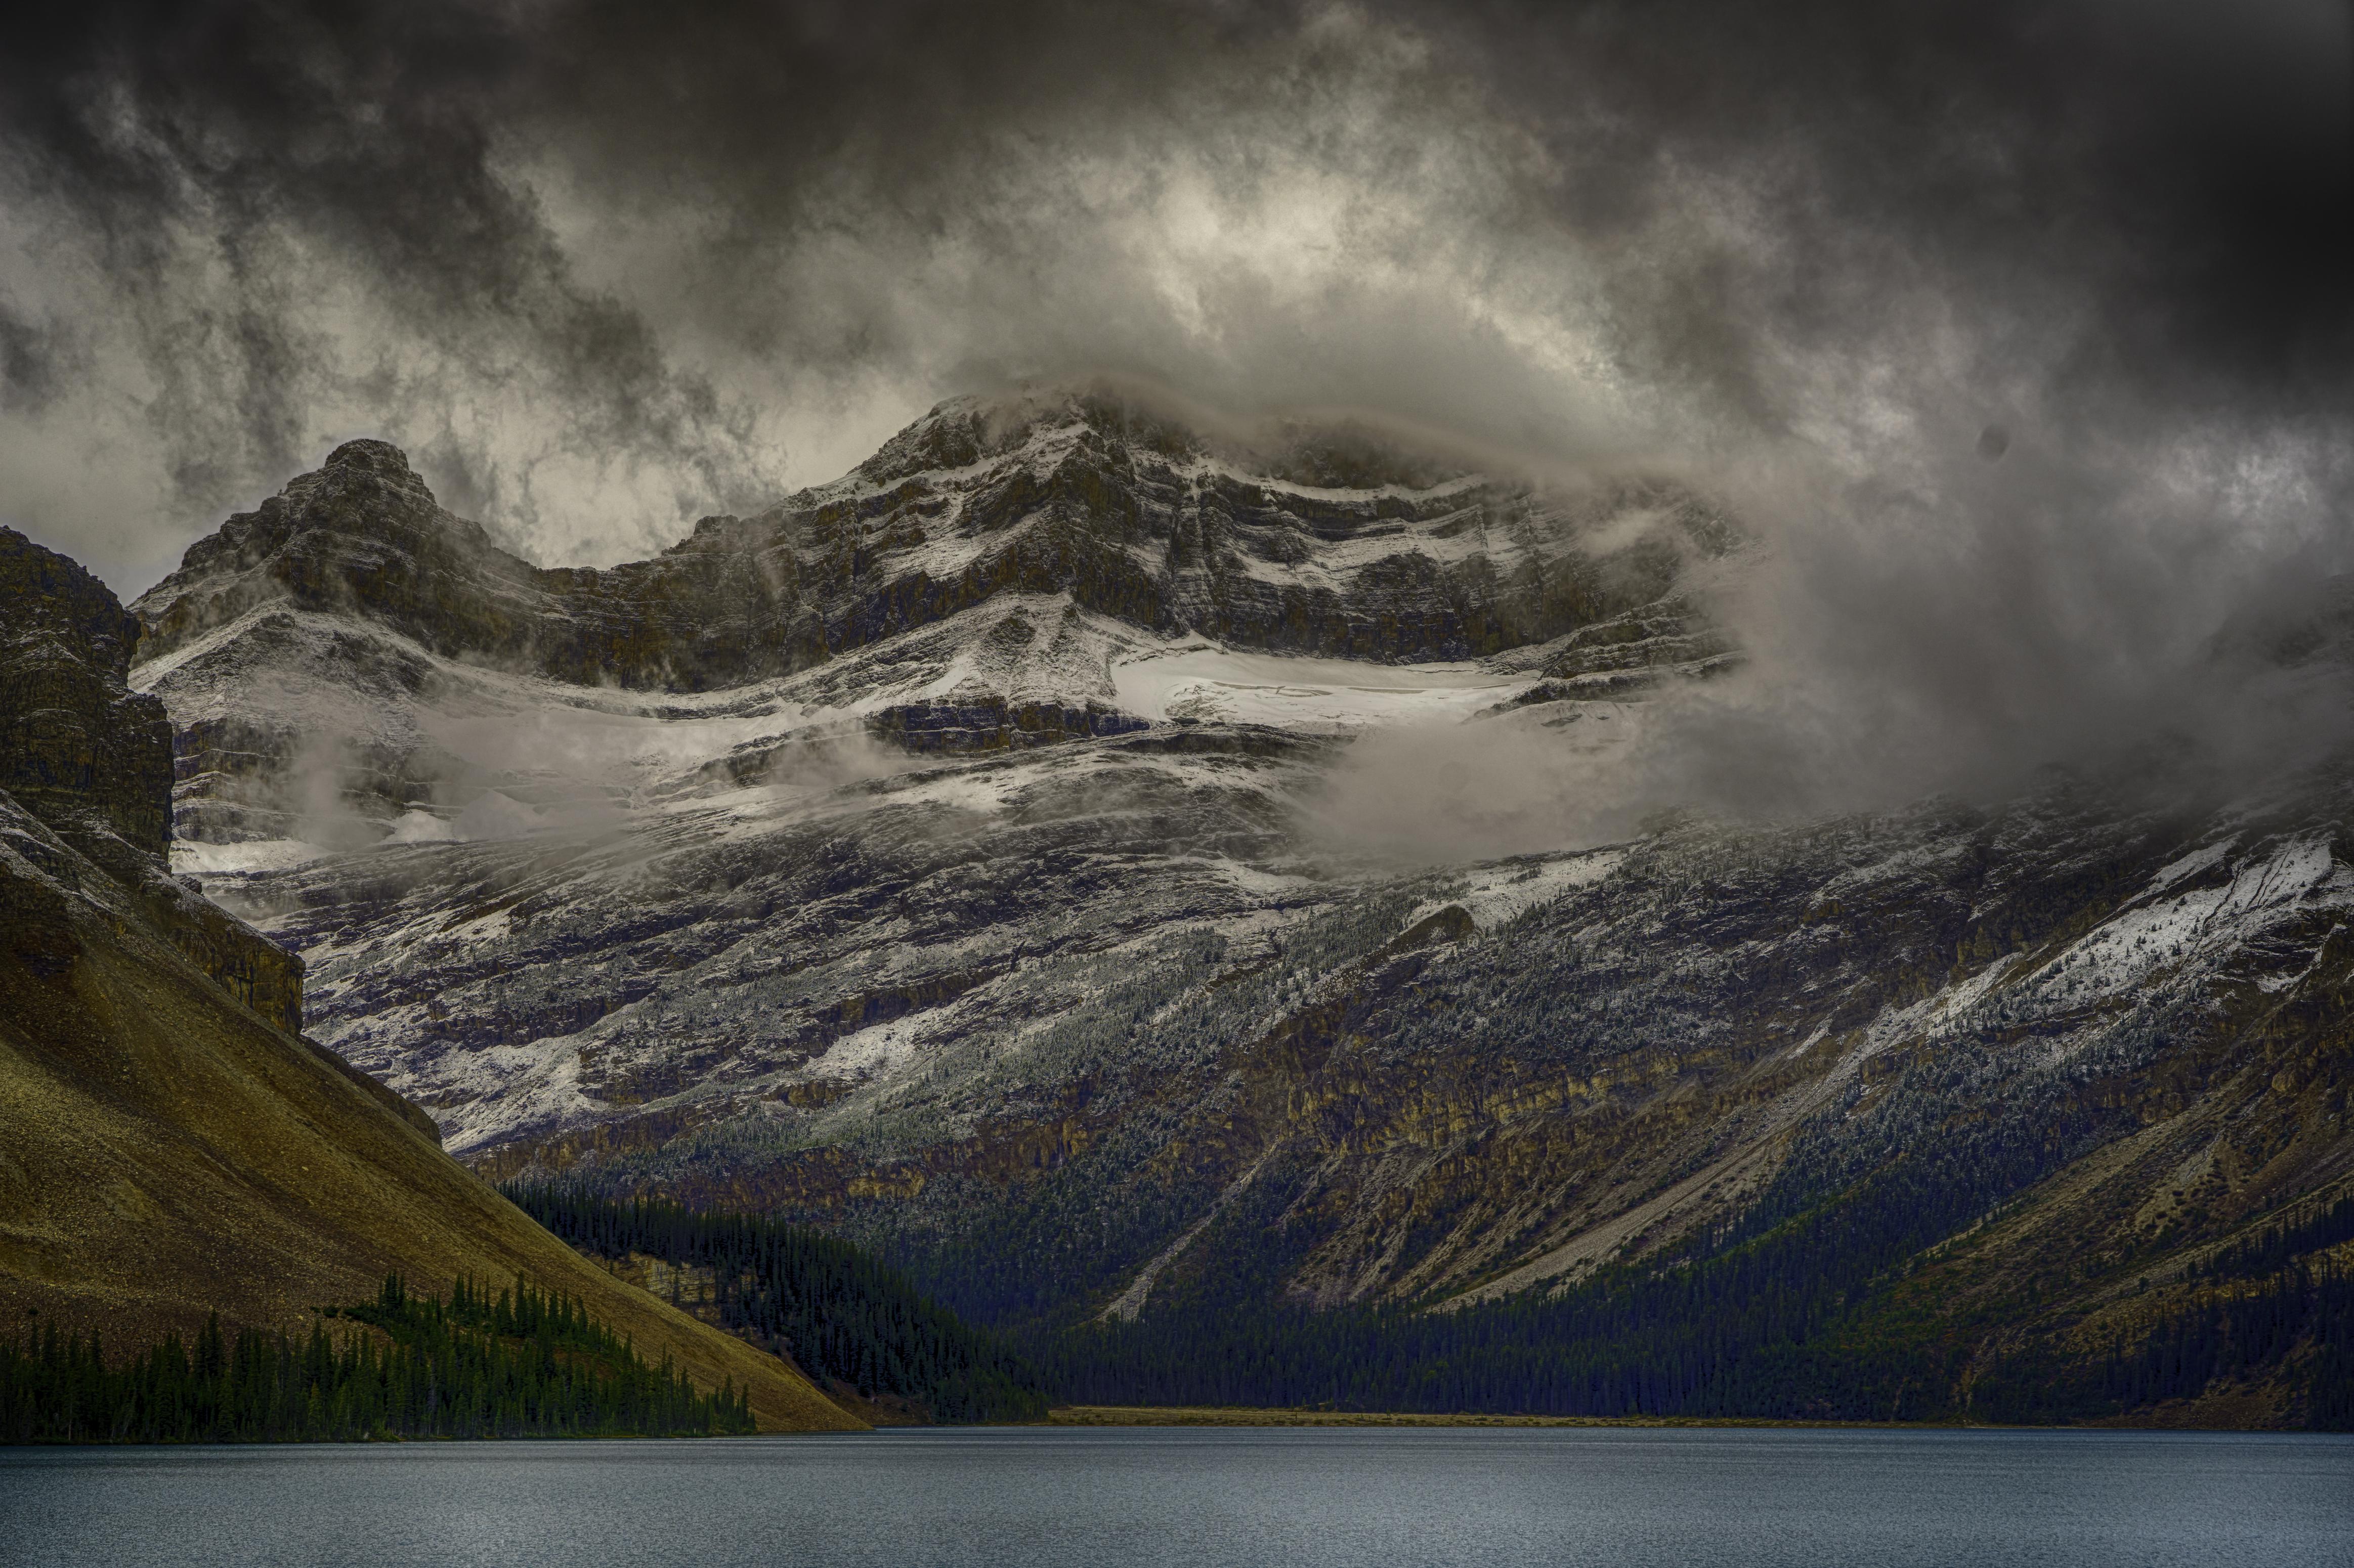 Peyton Lake, Canadian Rockies